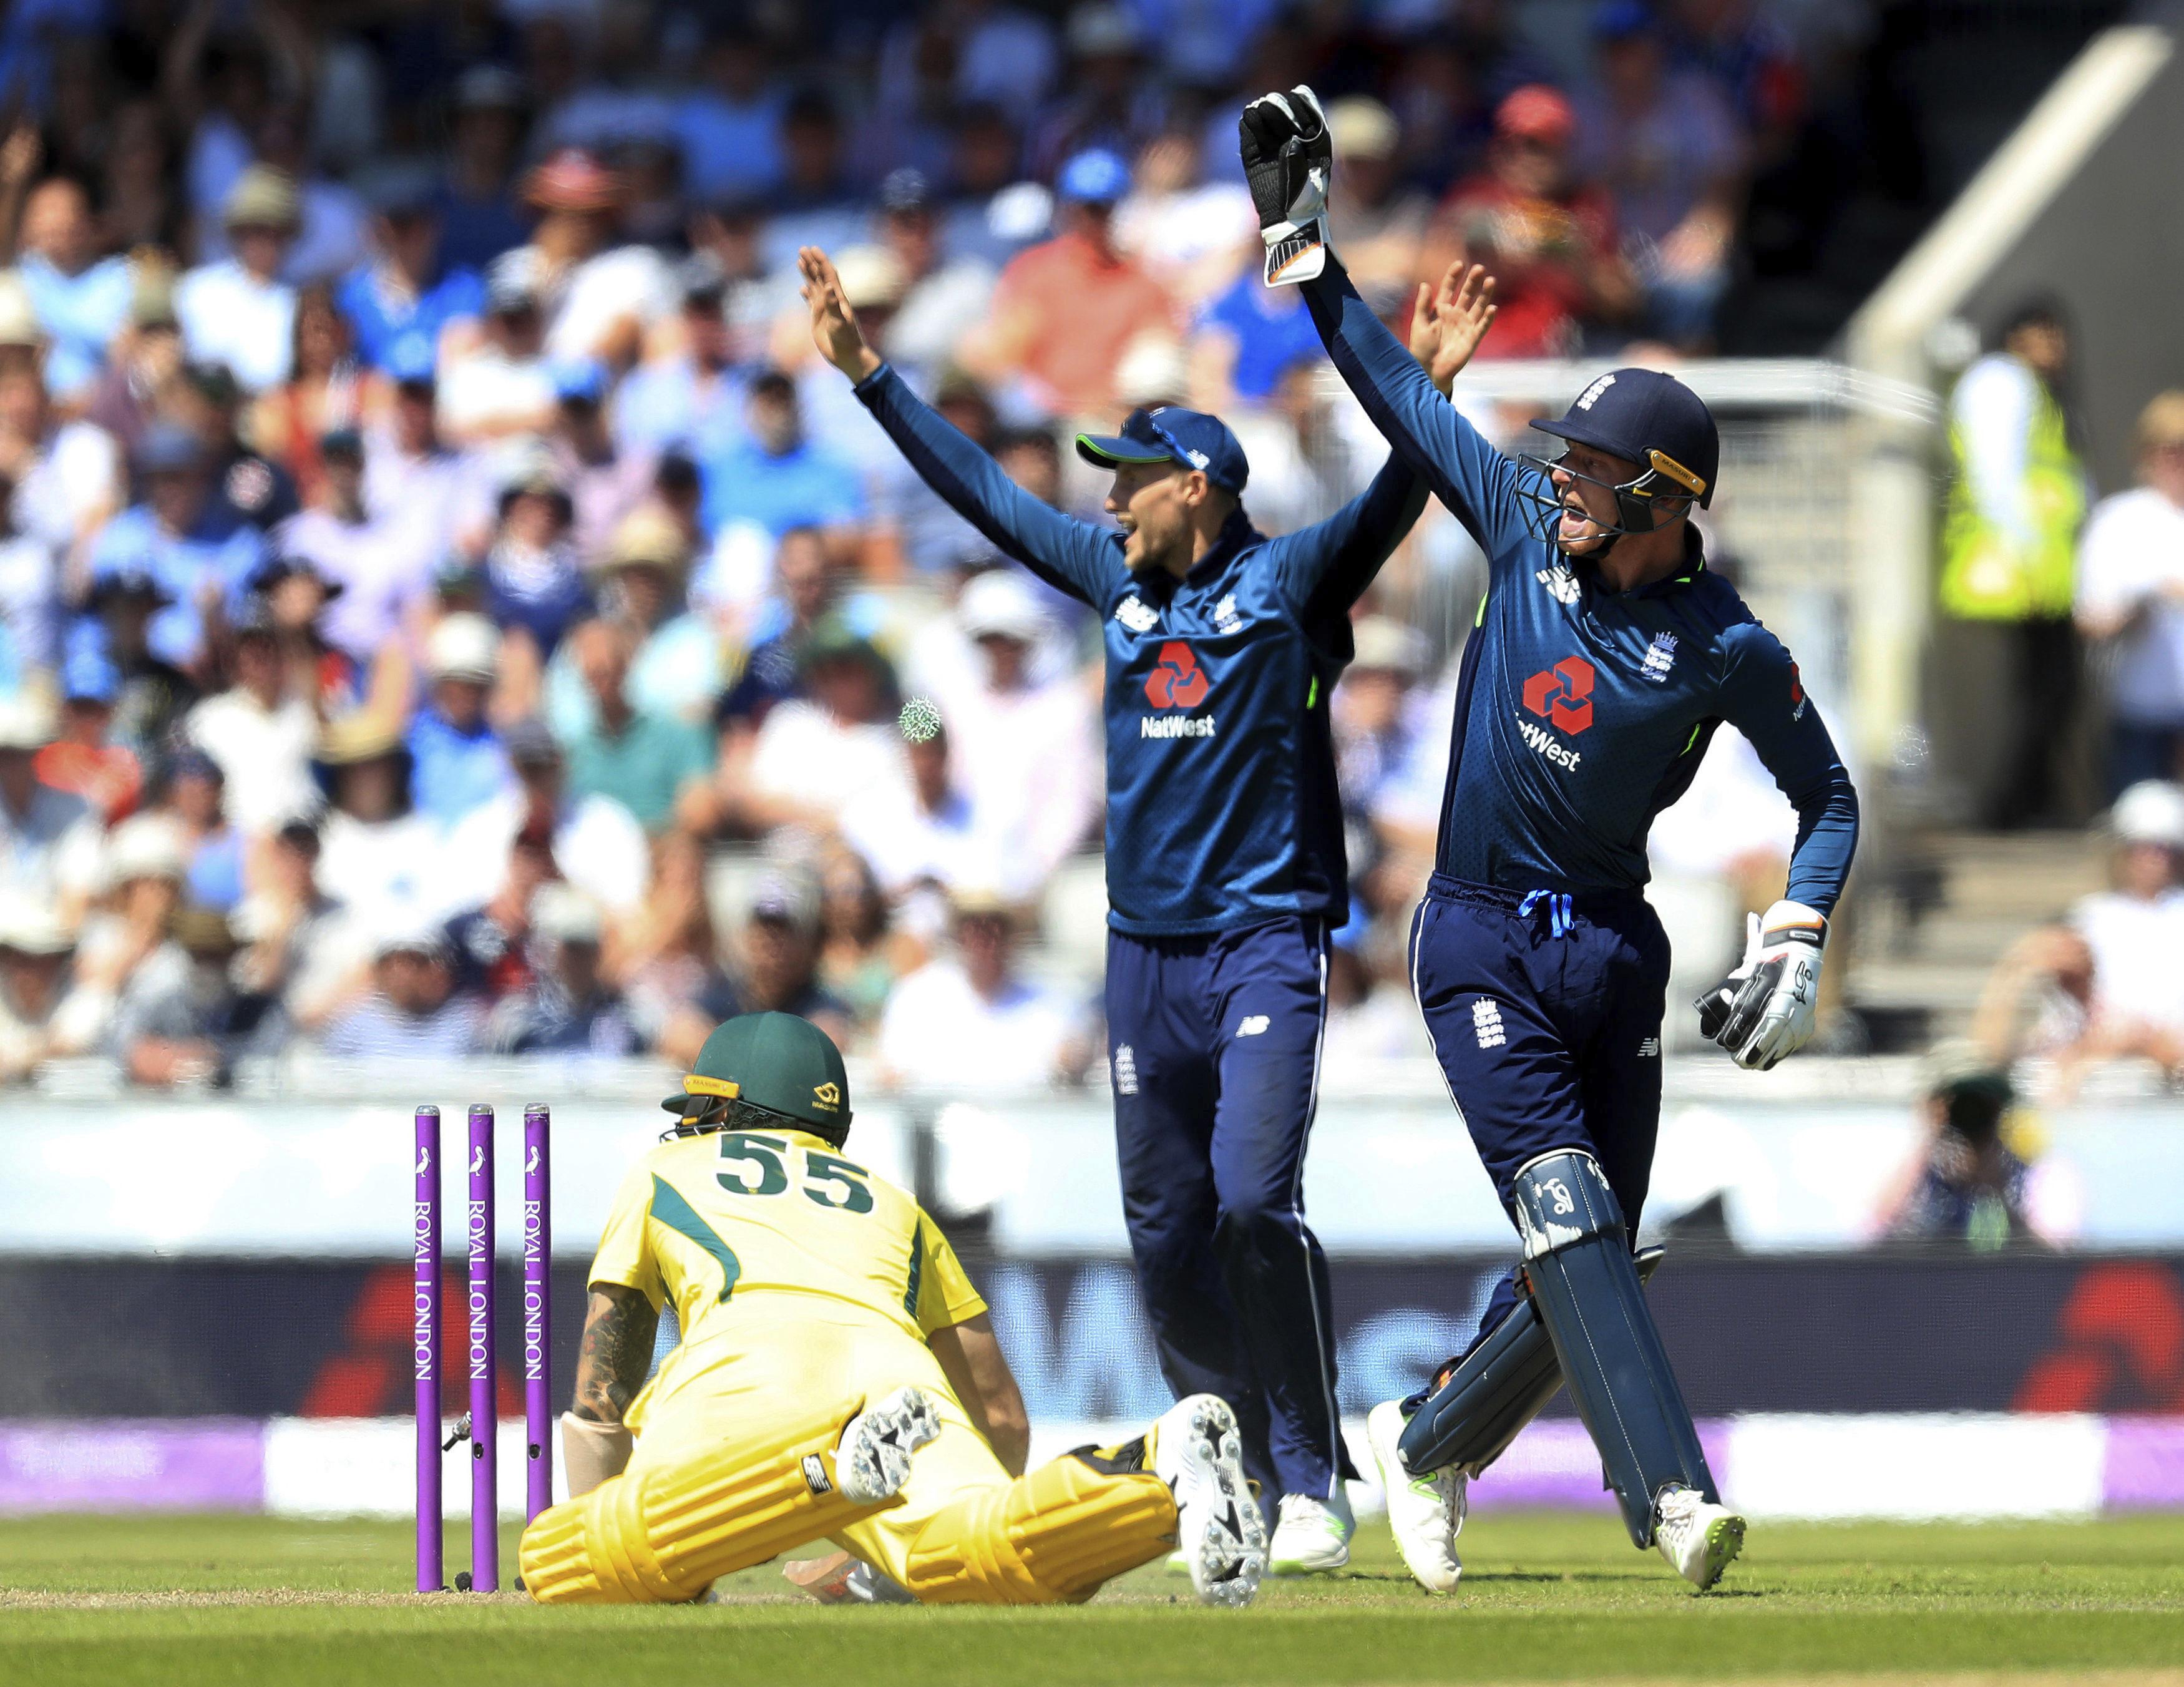 इंग्लैंड 5-0 से सीरिज जीत